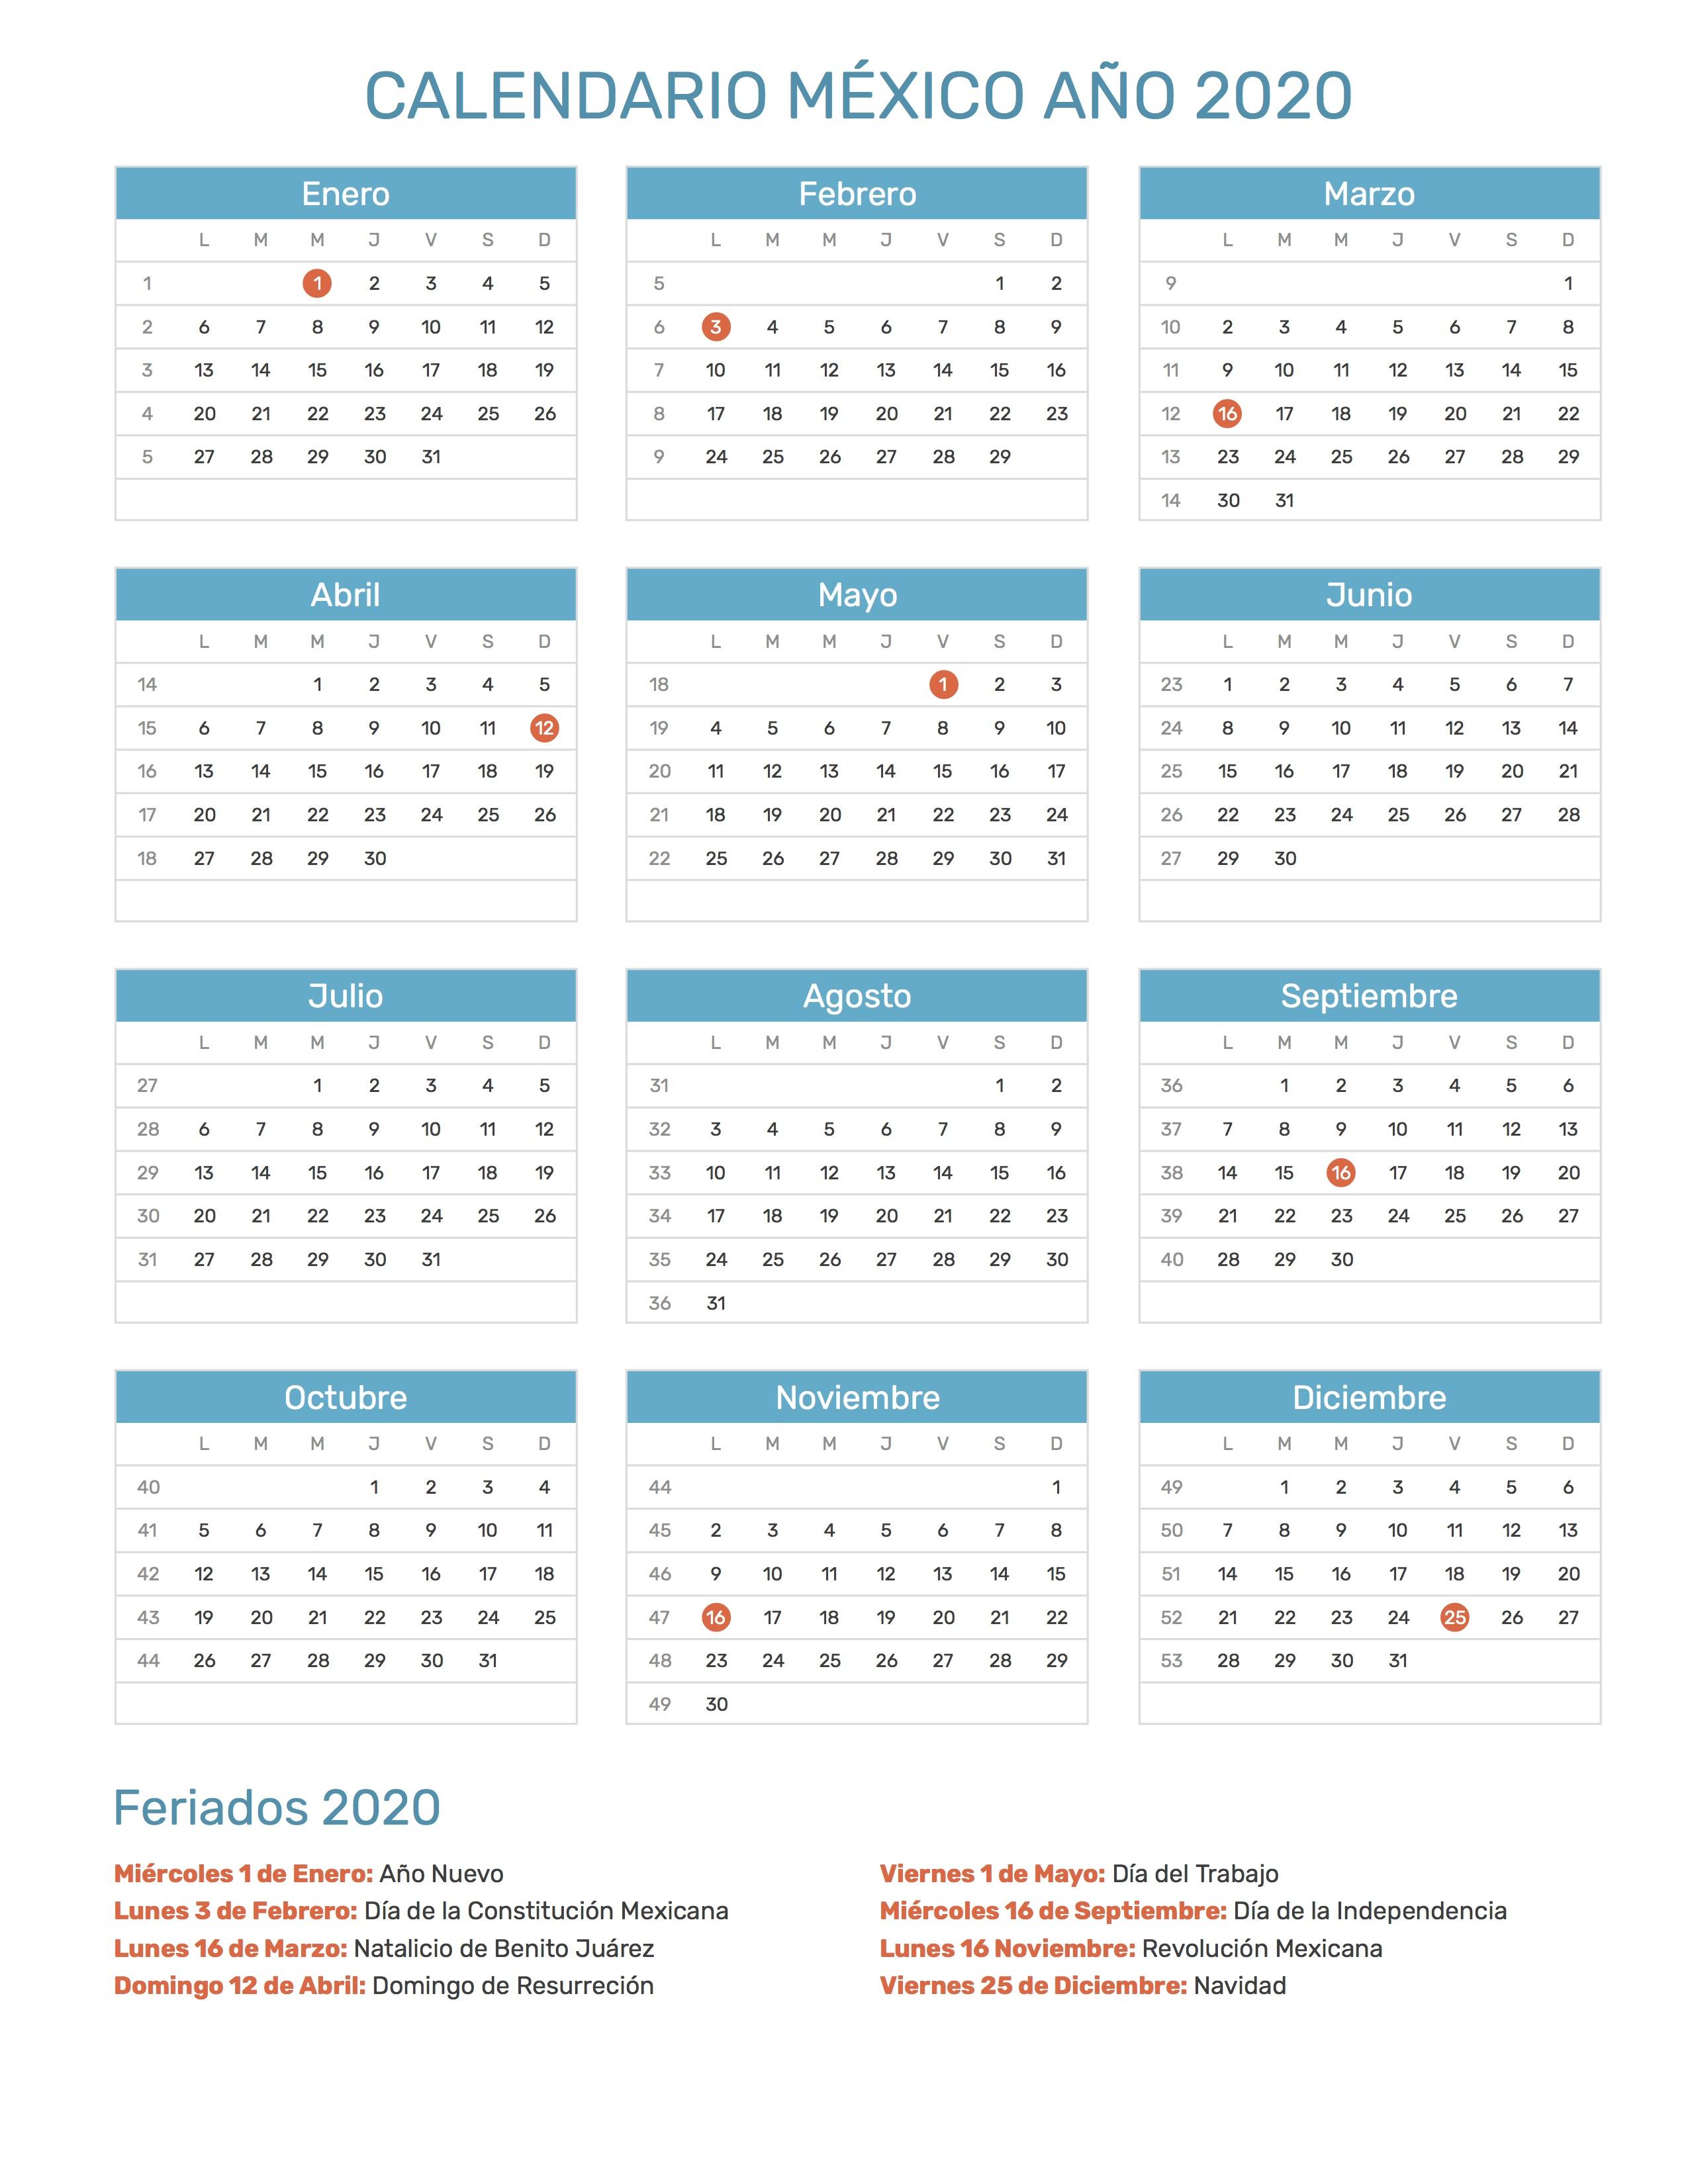 Calendario Diciembre 2020 Para Imprimir.Calendario De Mexico Ano 2020 Feriados